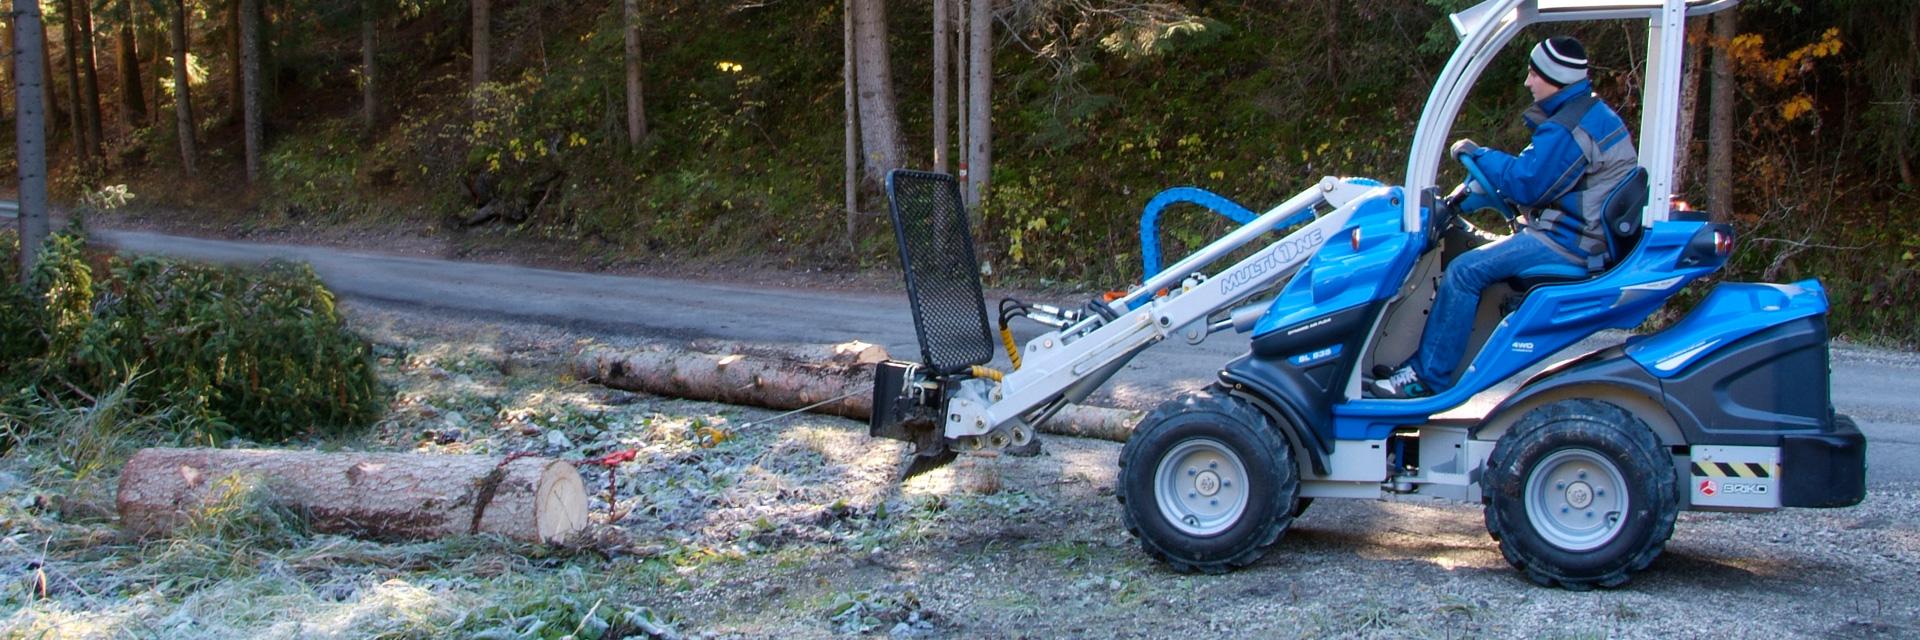 Multione mini excavator winch attachment